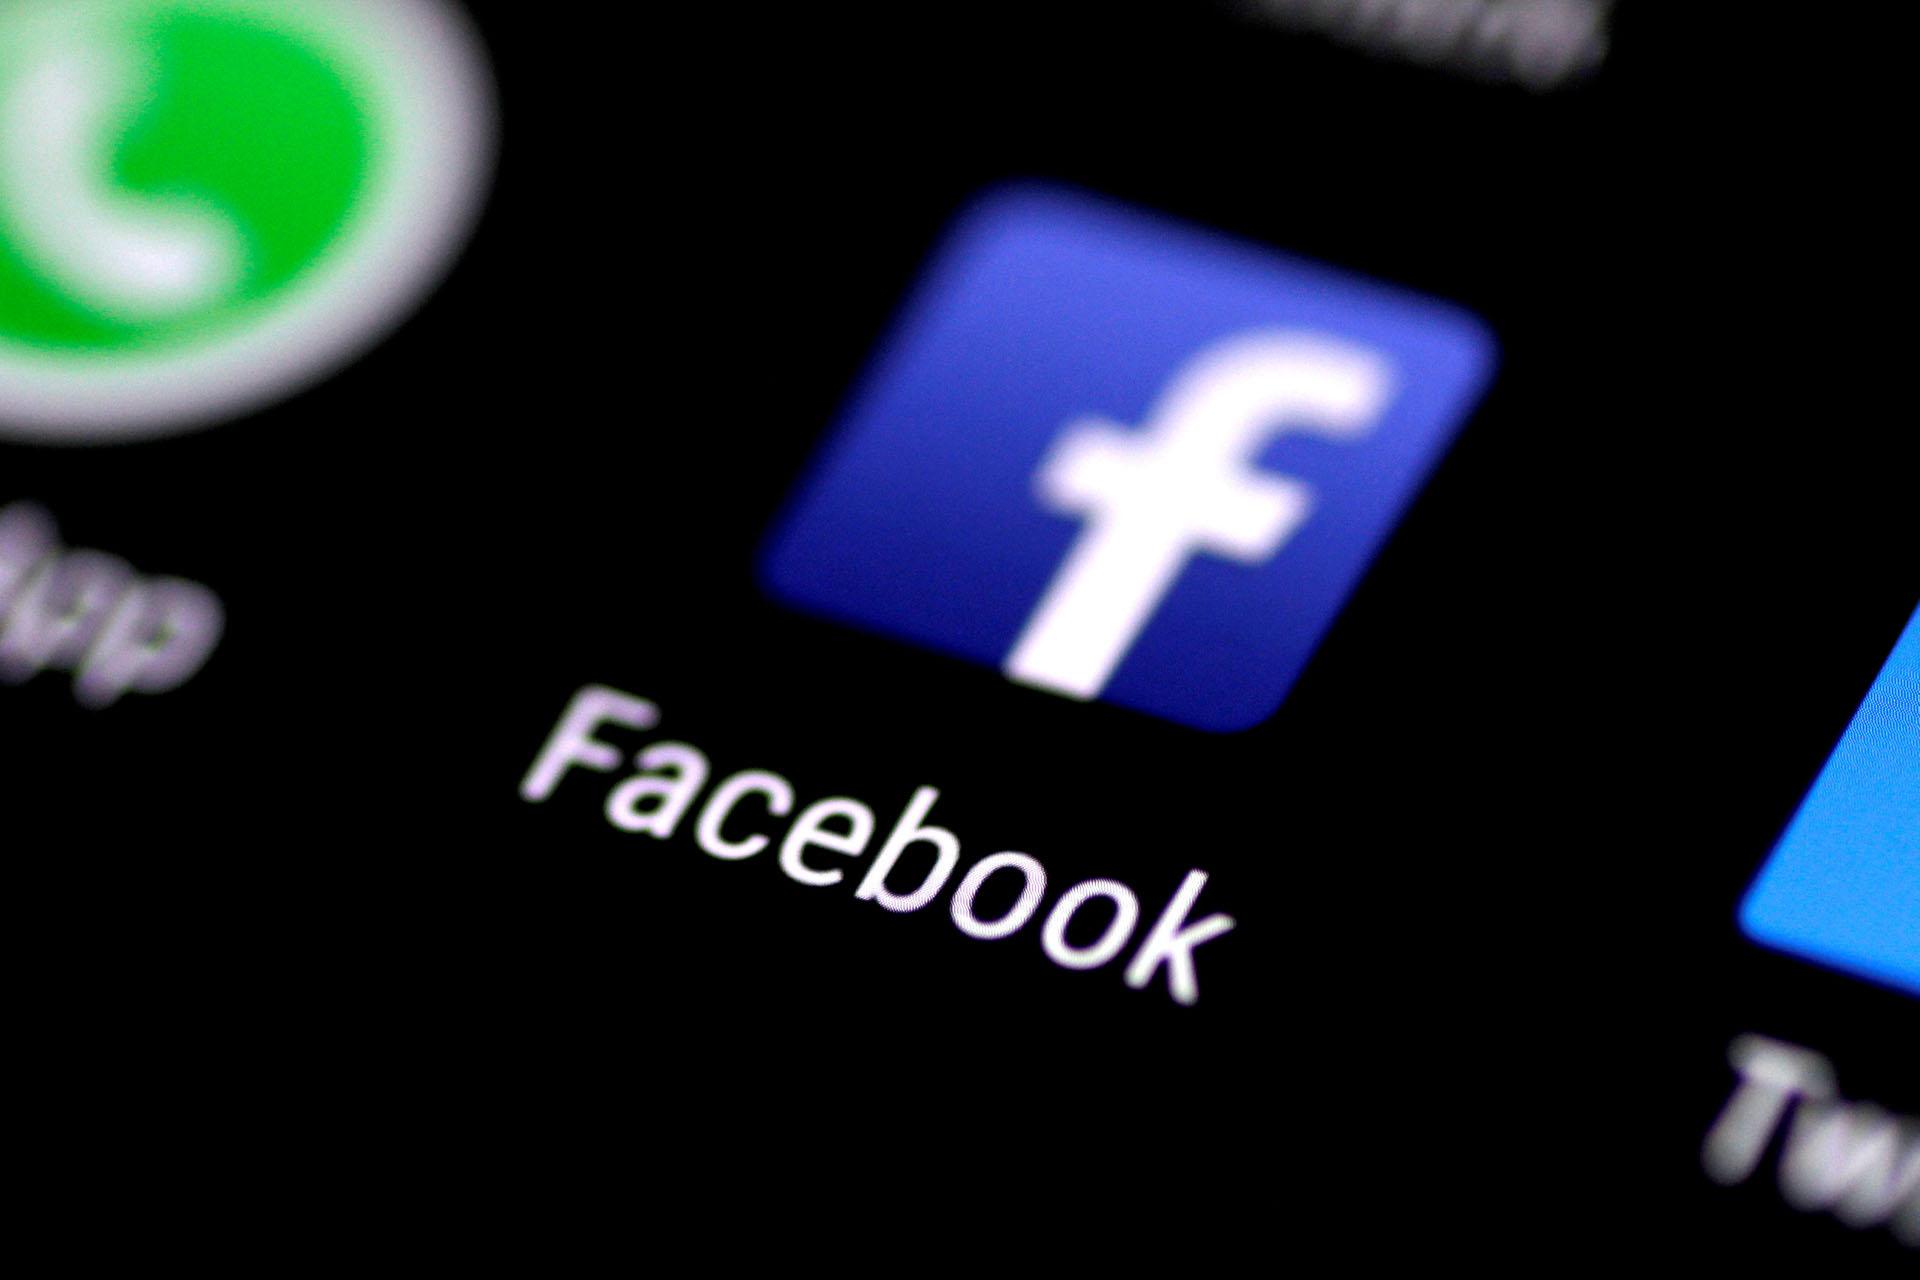 ¿Deberíamos todos borrar Facebook? (REUTERS/Thomas White/File Photo)